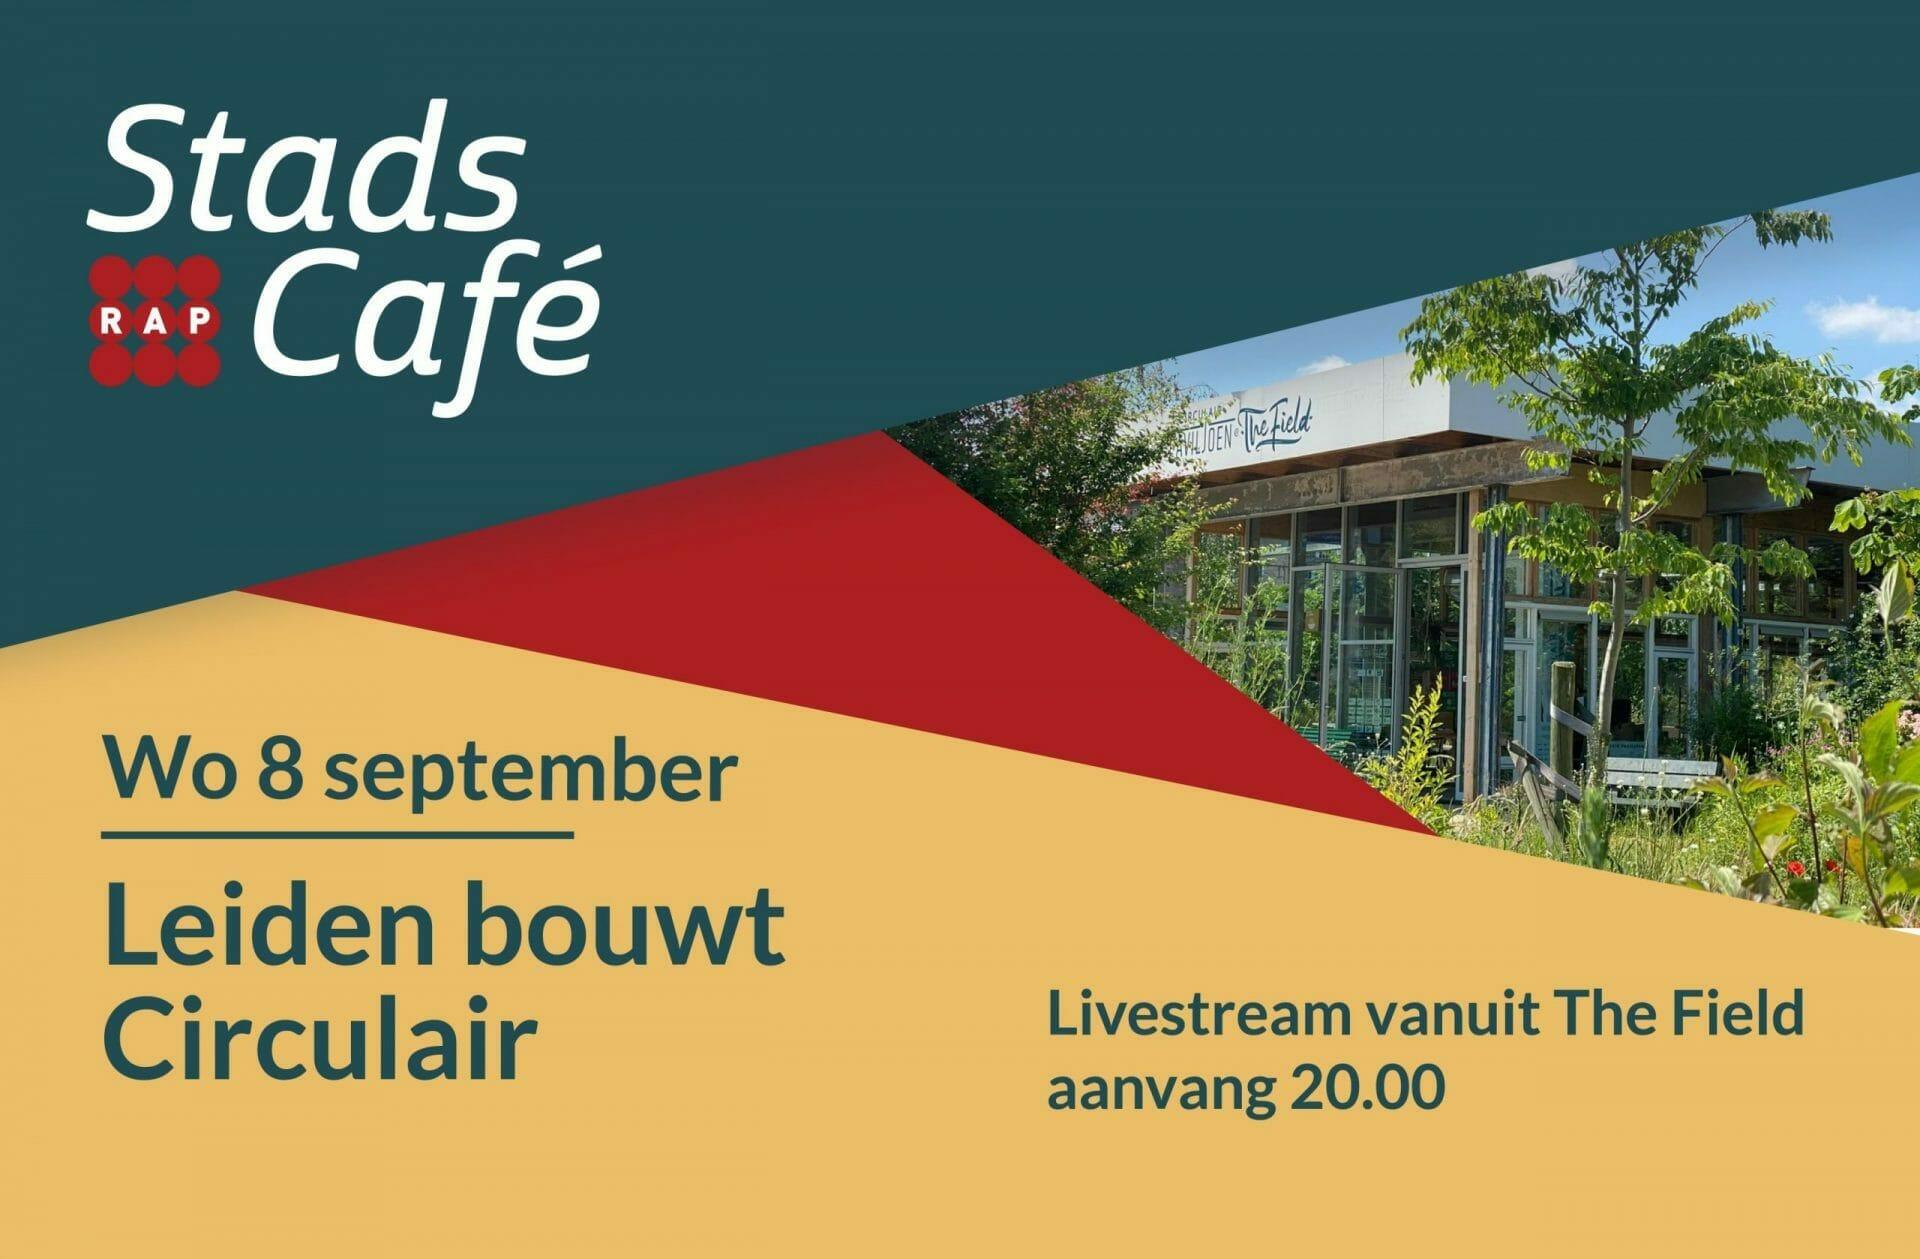 Stadscafé #20 Leiden bouwt Circulair